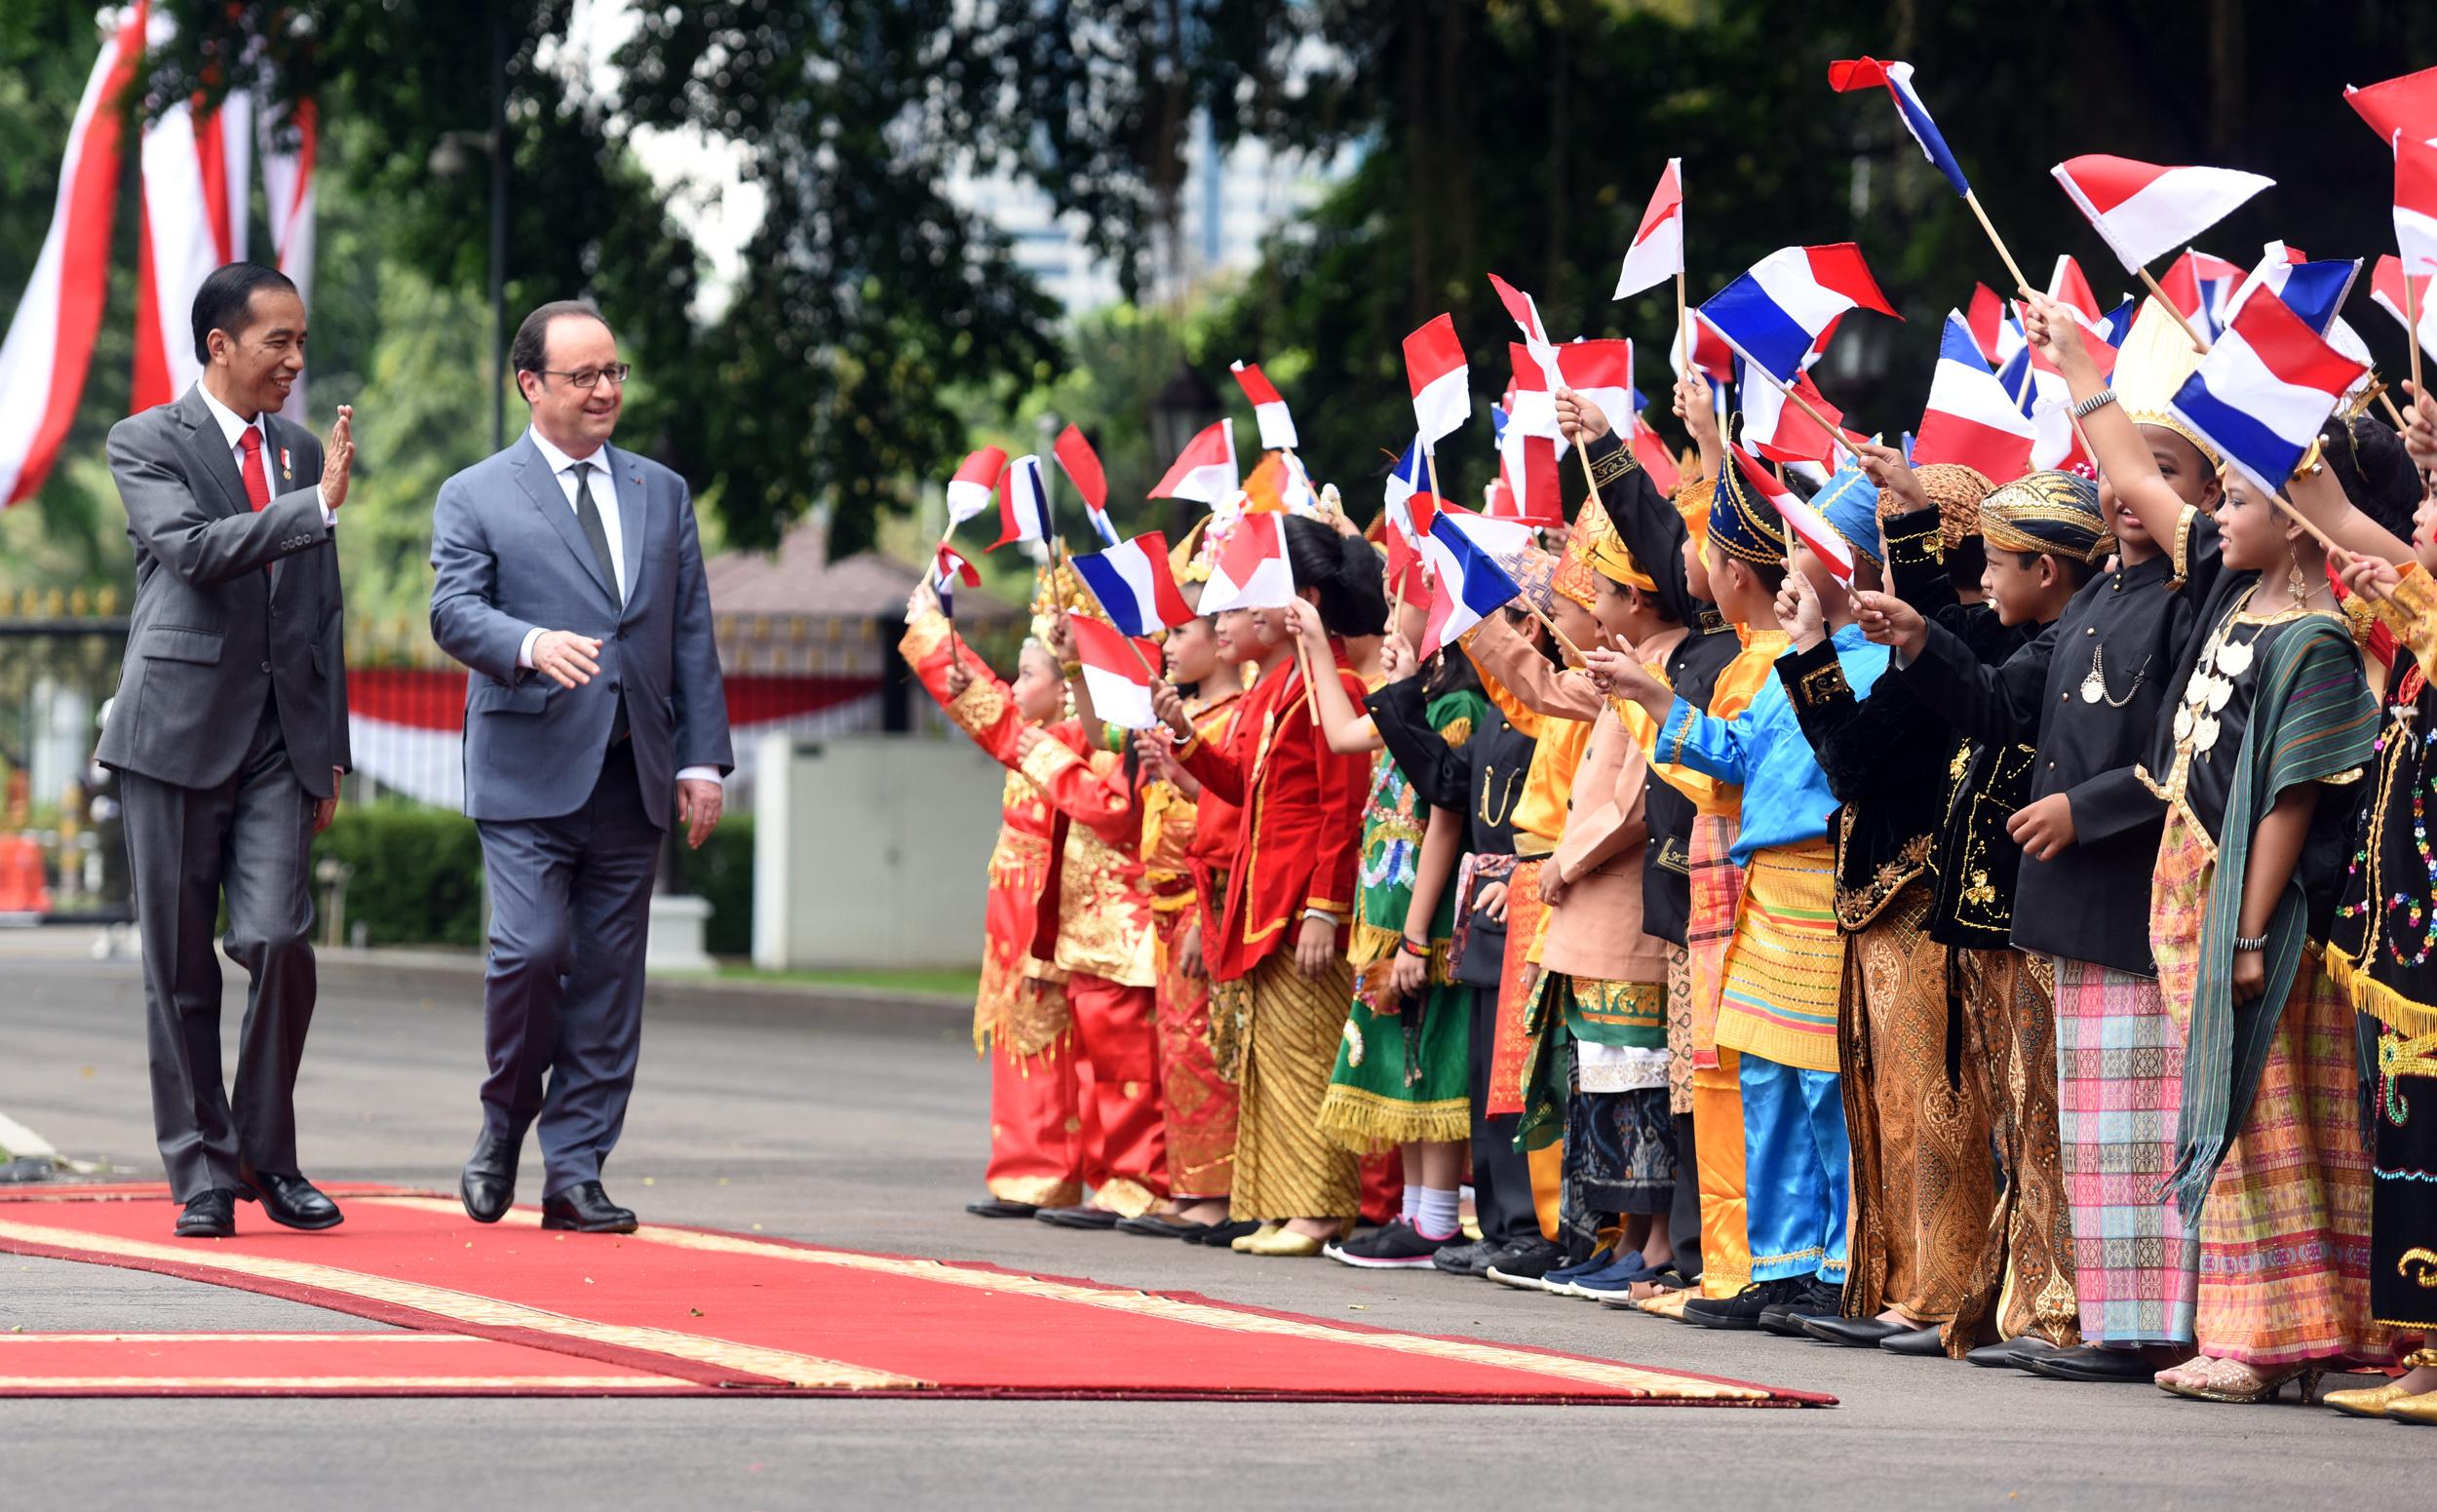 Presiden Jokowi menyambut kedatangan Presiden Perancis Francois Hollande, di halaman Istana Merdeka, Jakarta, Rabu (29/3) siang. (Foto: Rahmat/Humas)